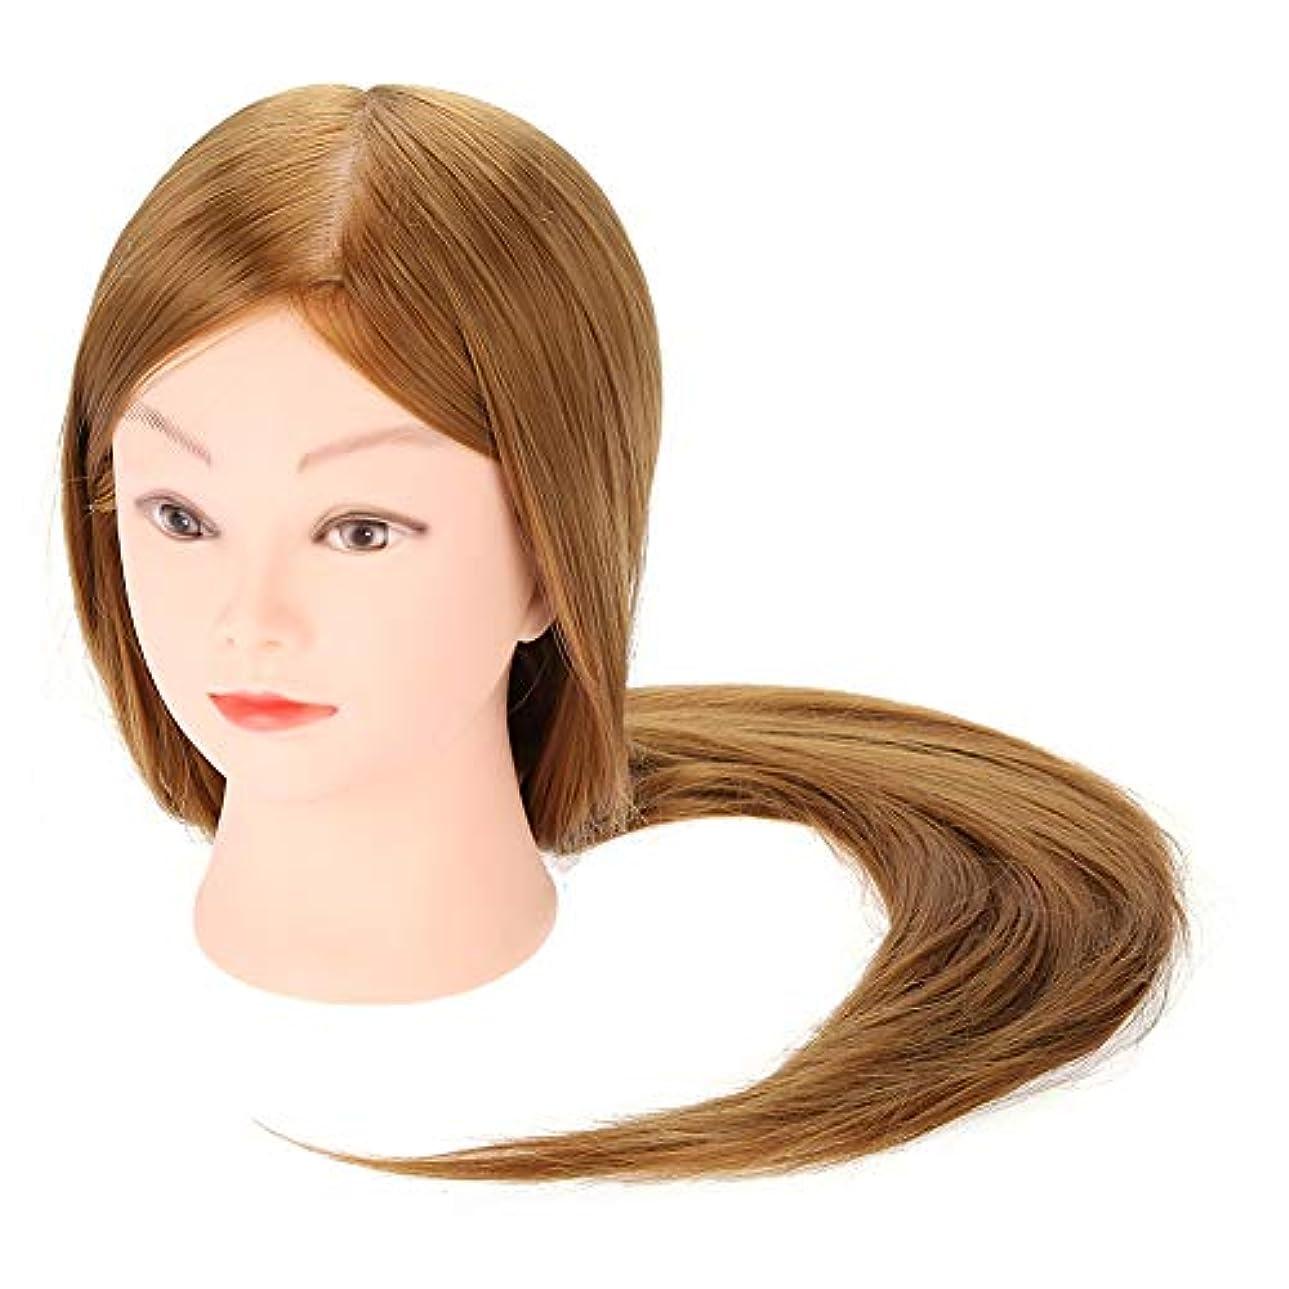 伸ばす乳剤手数料ヘアトレーニングヘッド、 ヘアスタイリング 美容練習用ヘアスタイリングプラクティス ヘアドレッシング かつらマネキン